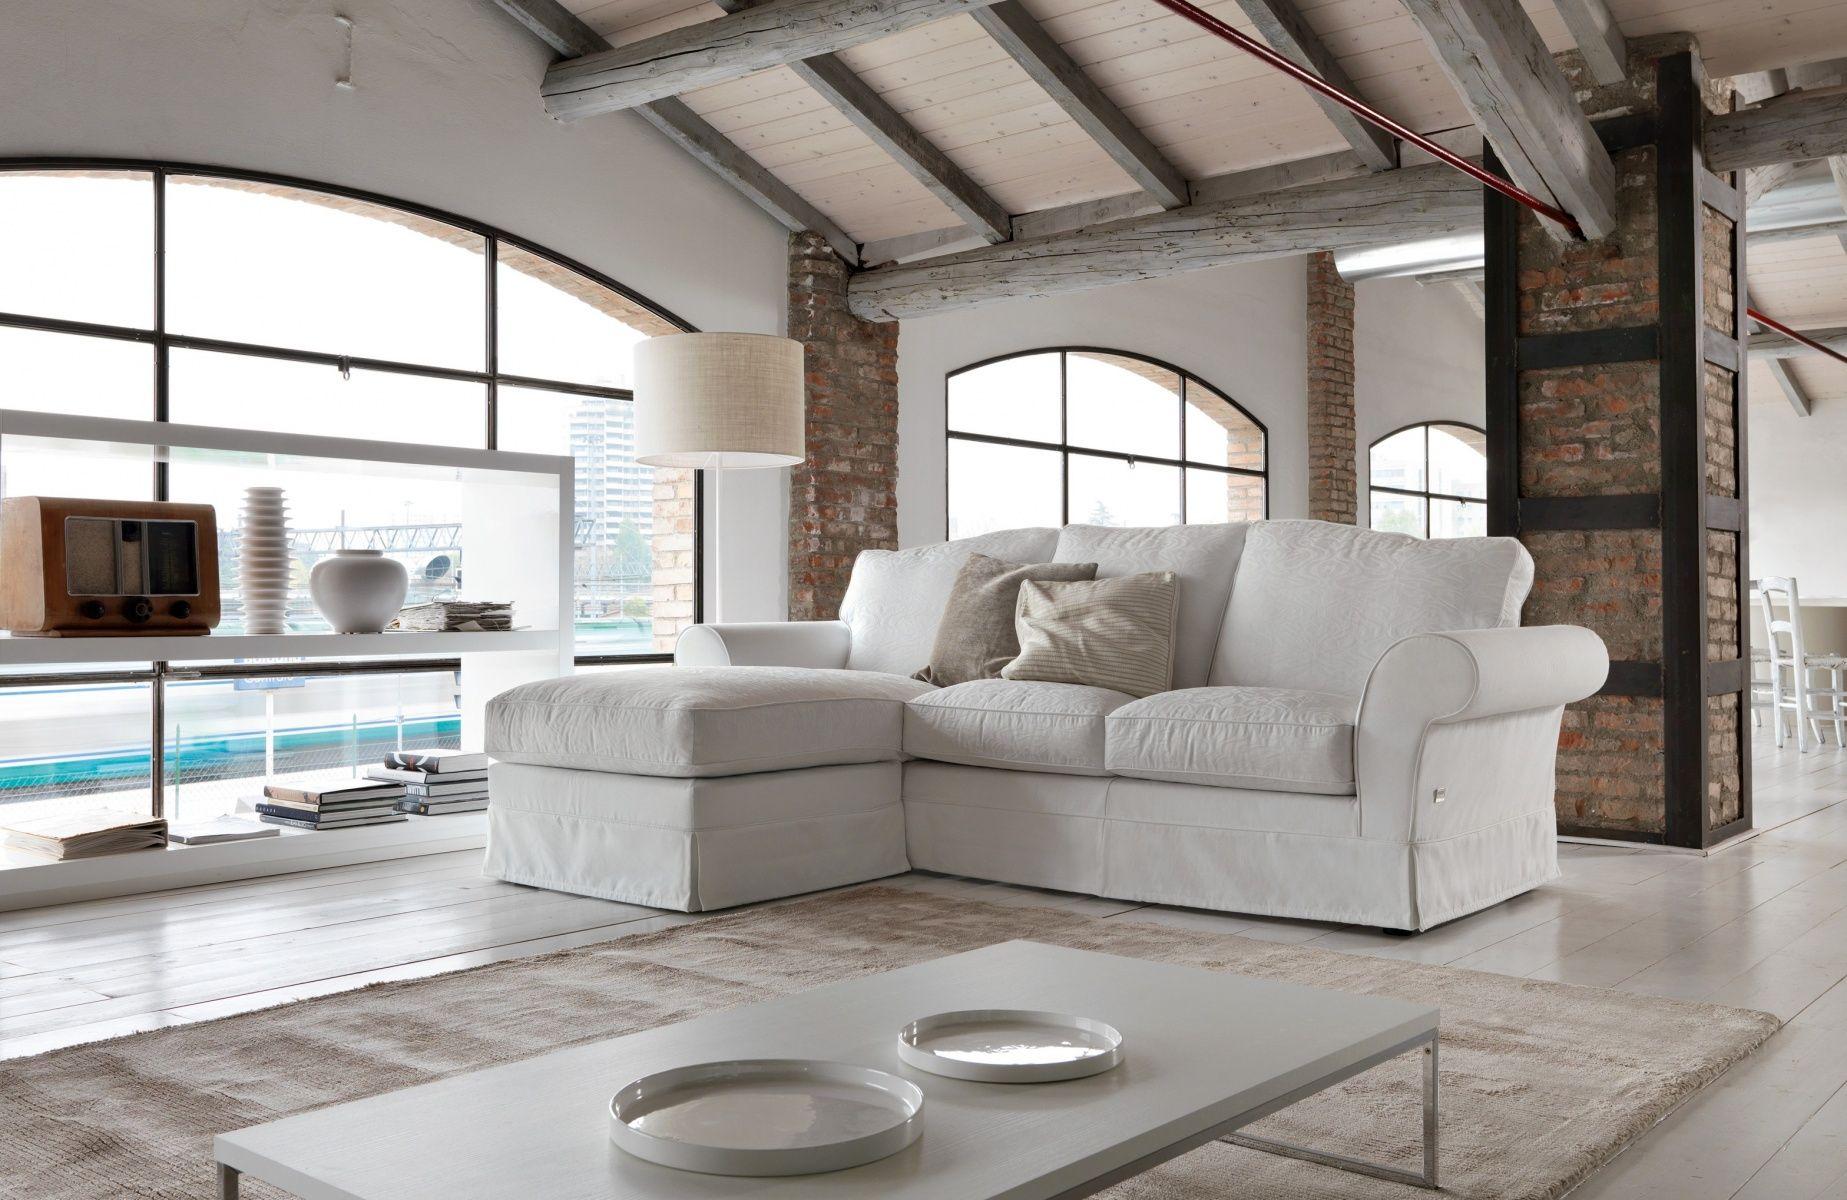 Doimo divano ~ Daniel sofa doimo salotti sofás clásicos pinterest